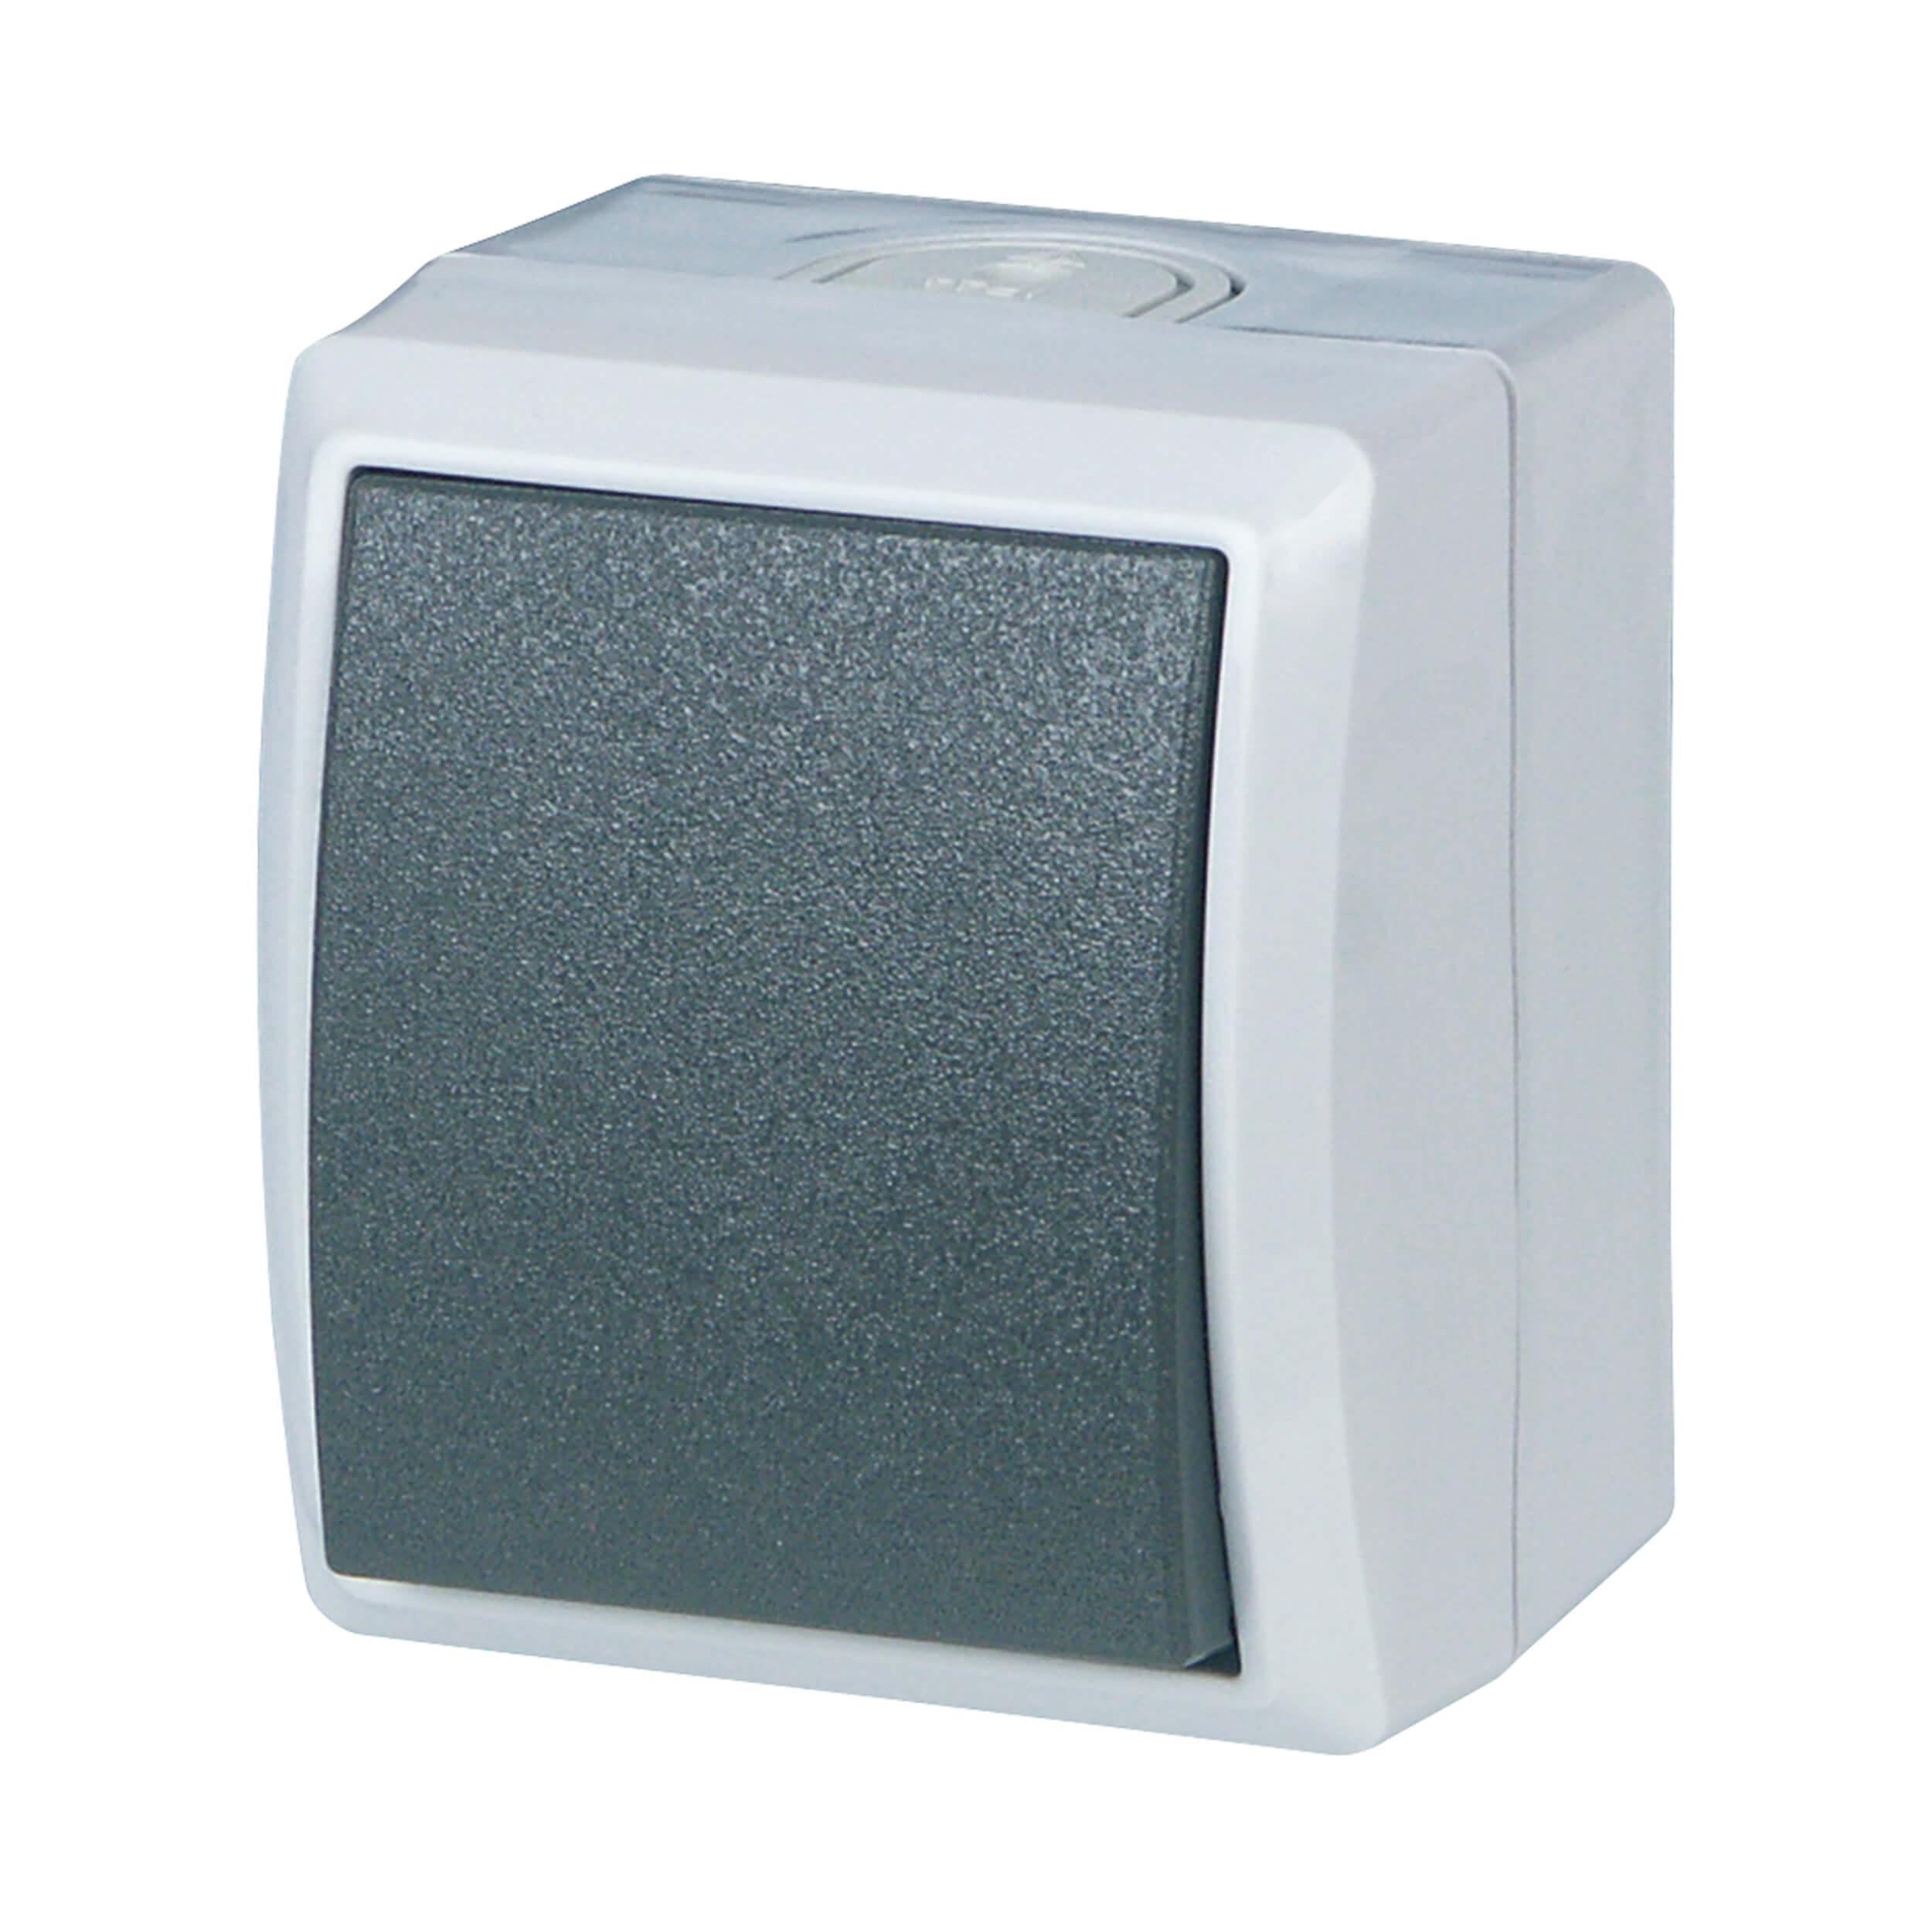 AquaForm Aus- u. Wechselschalter für feuchte Räume, grau